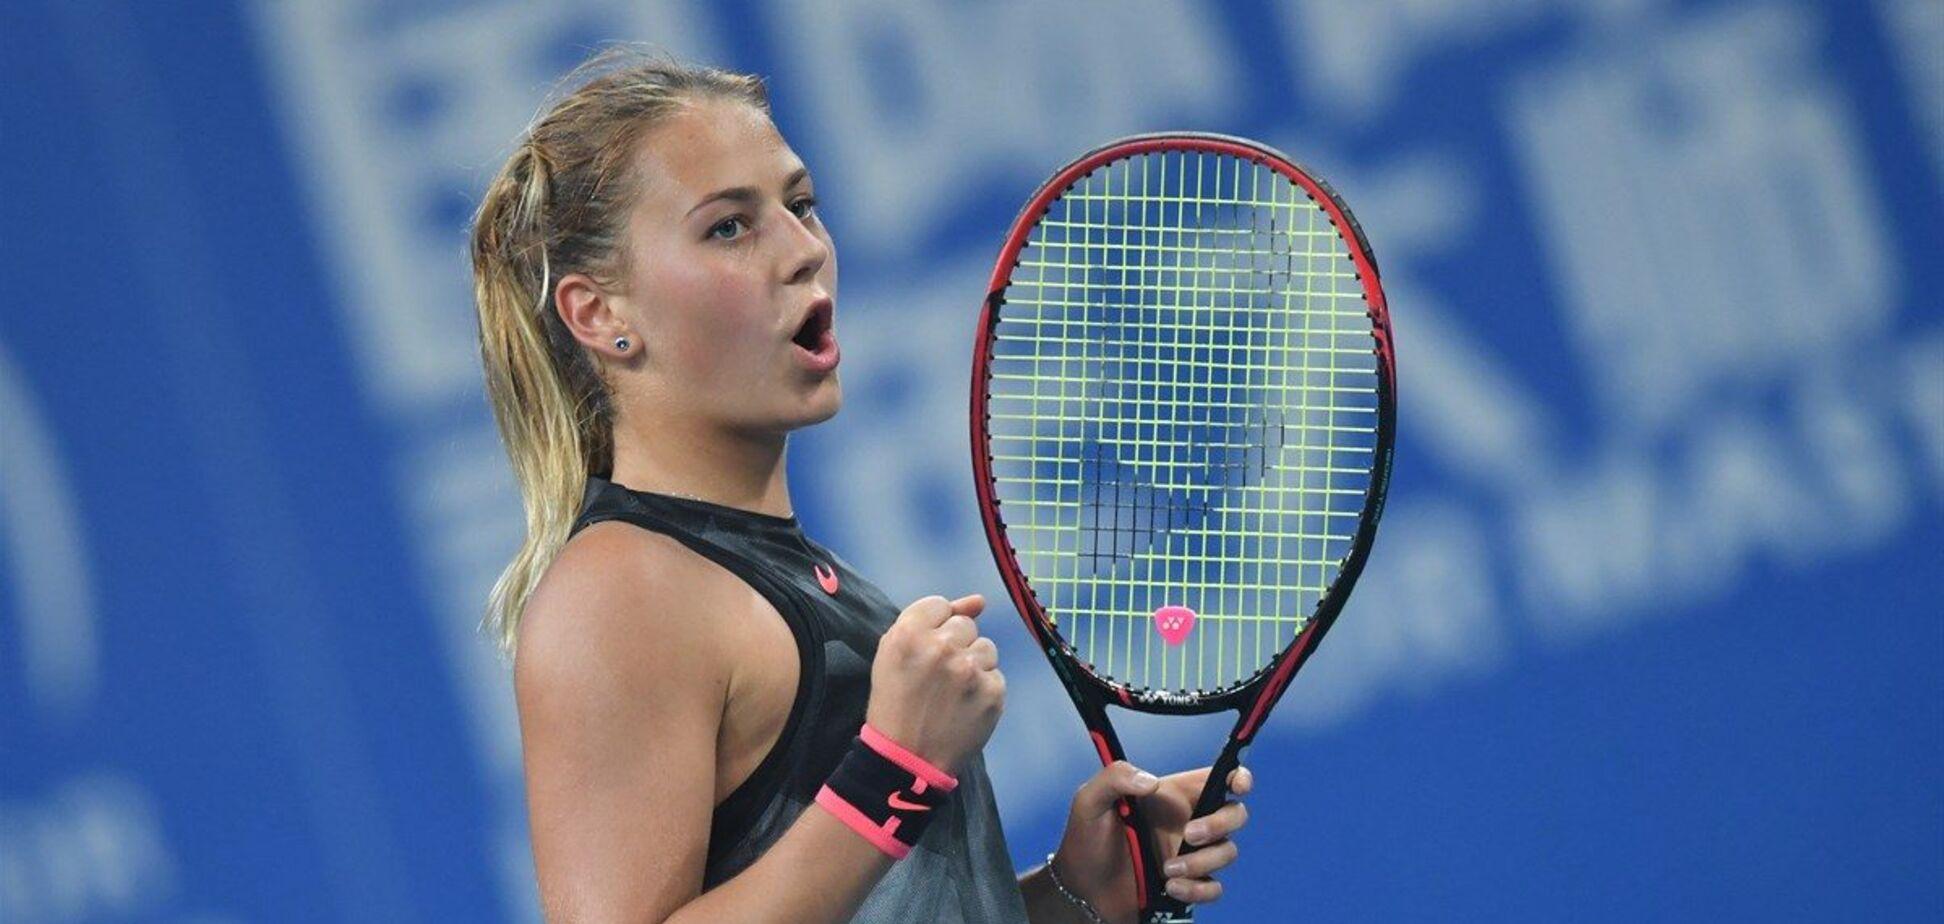 Двойной успех: 17-летняя украинка выиграла престижный турнир по теннису